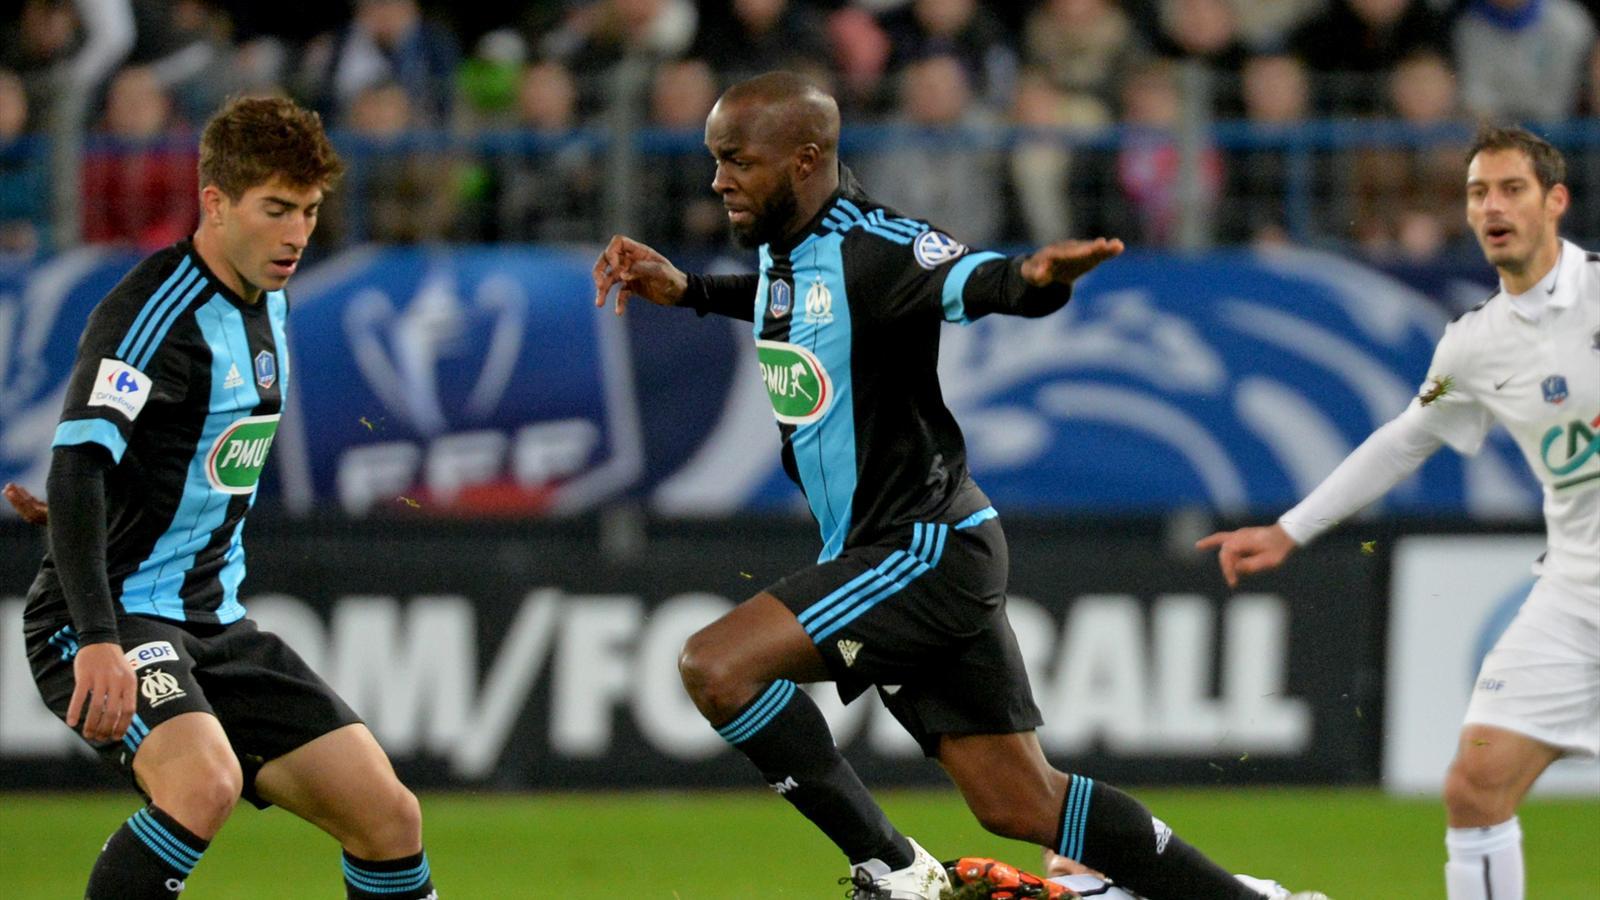 En direct live caen om coupe de france 3 janvier - Coupe de france football resultat en direct ...